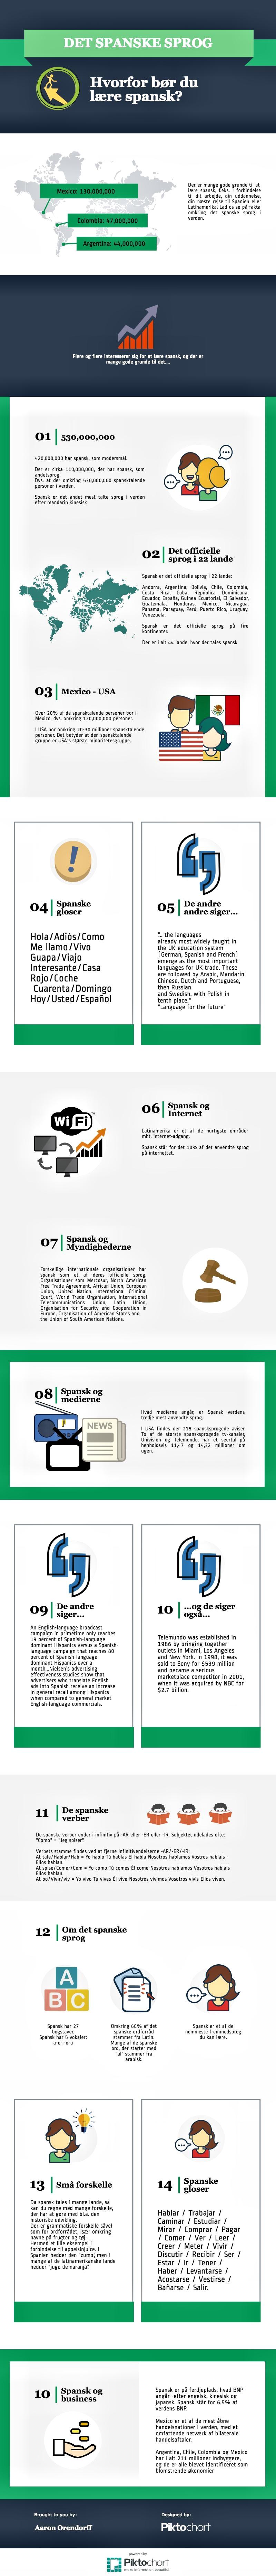 Hvor bør bruge tid på at lære spansk? Hermed en infographic, hvor der gennemgås nogle af grundende til, at du bør bruge tid med at lære det spanske sprog.